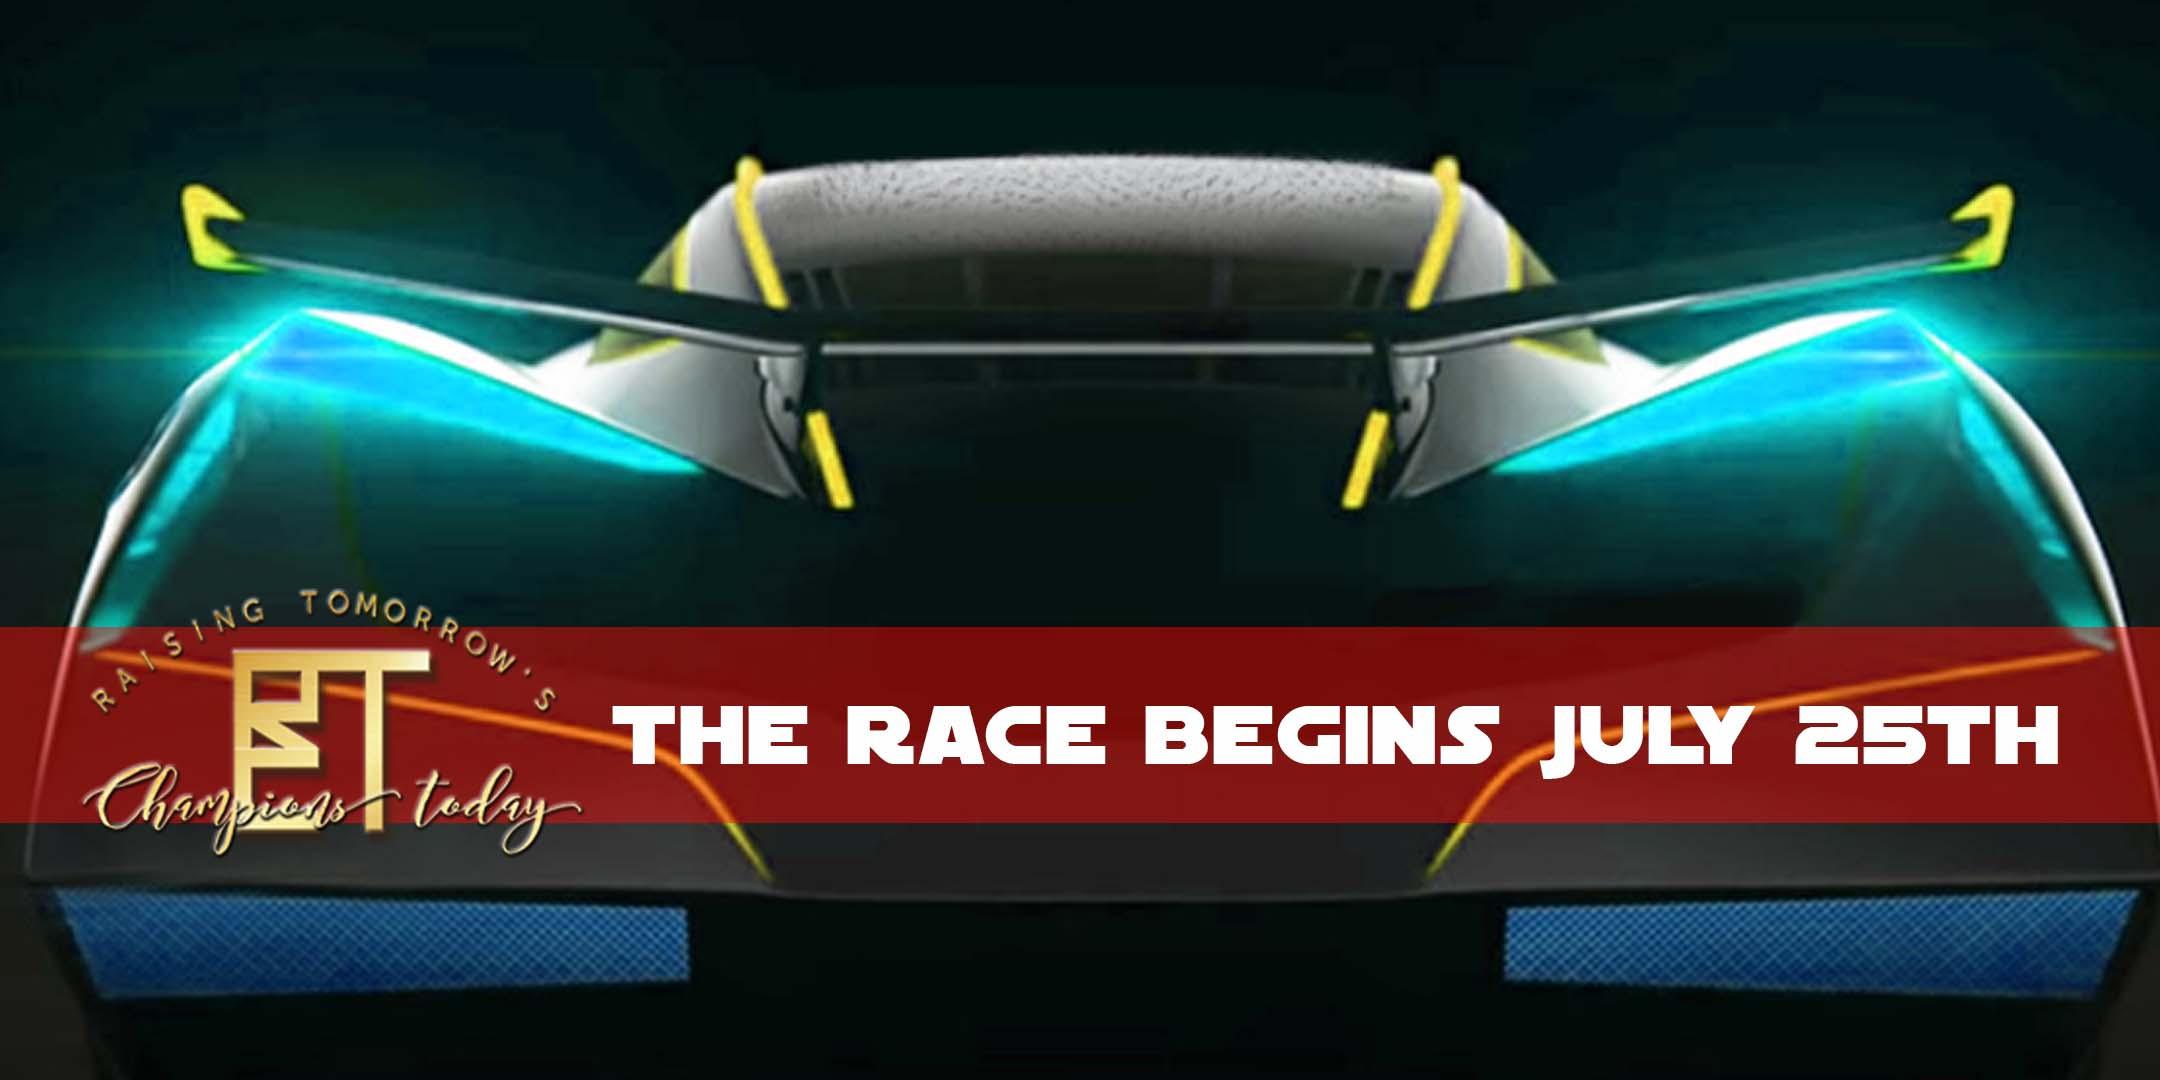 race-to-win-summer-program-2017-web